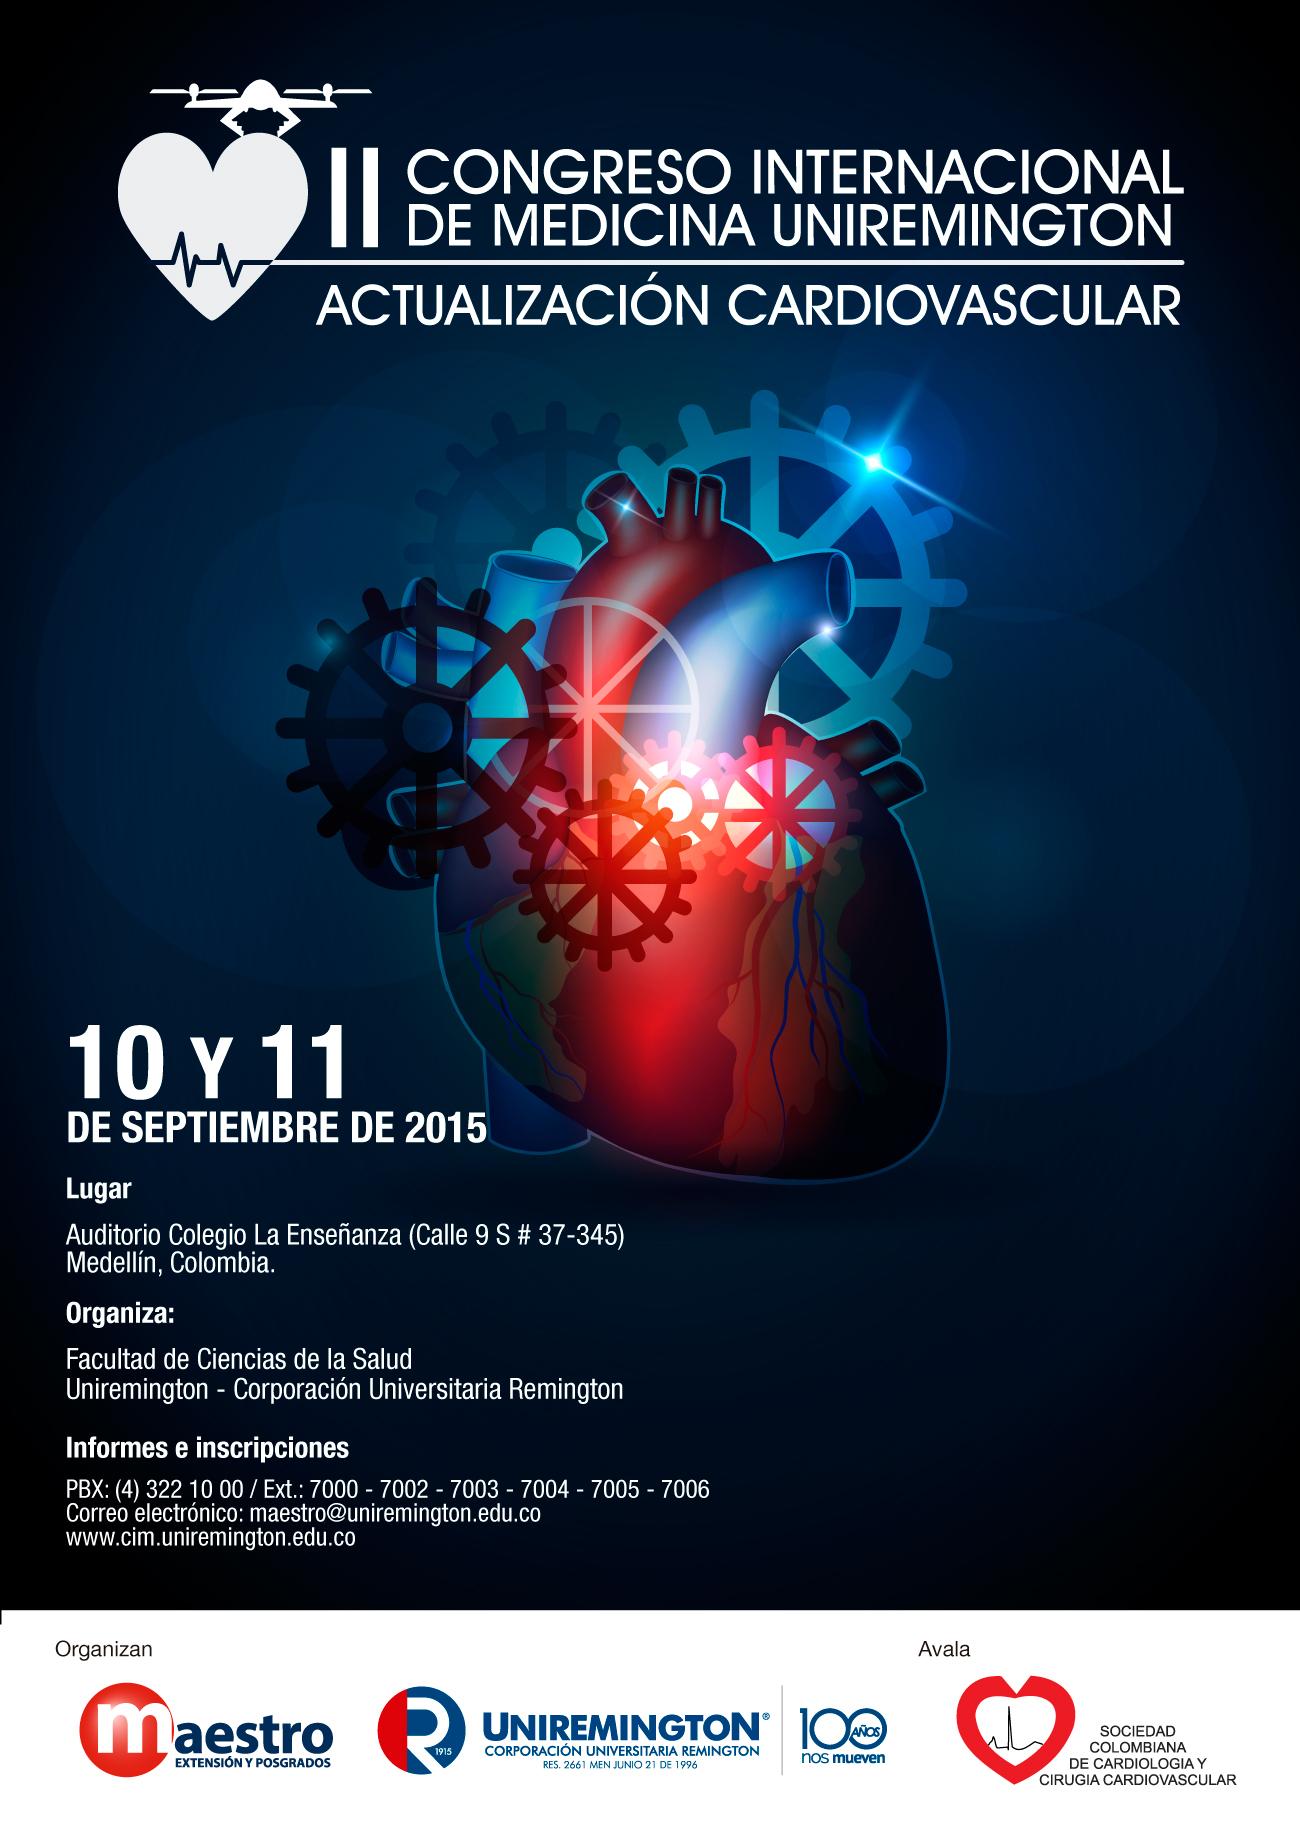 II Congreso Internacional de Medicina UNIREMINGTON /Actualización Cardiovascular  @ Auditorio Colegio la Ensañanza / Septiembre 10 y 11 de 2015 -Medellín,Colombia